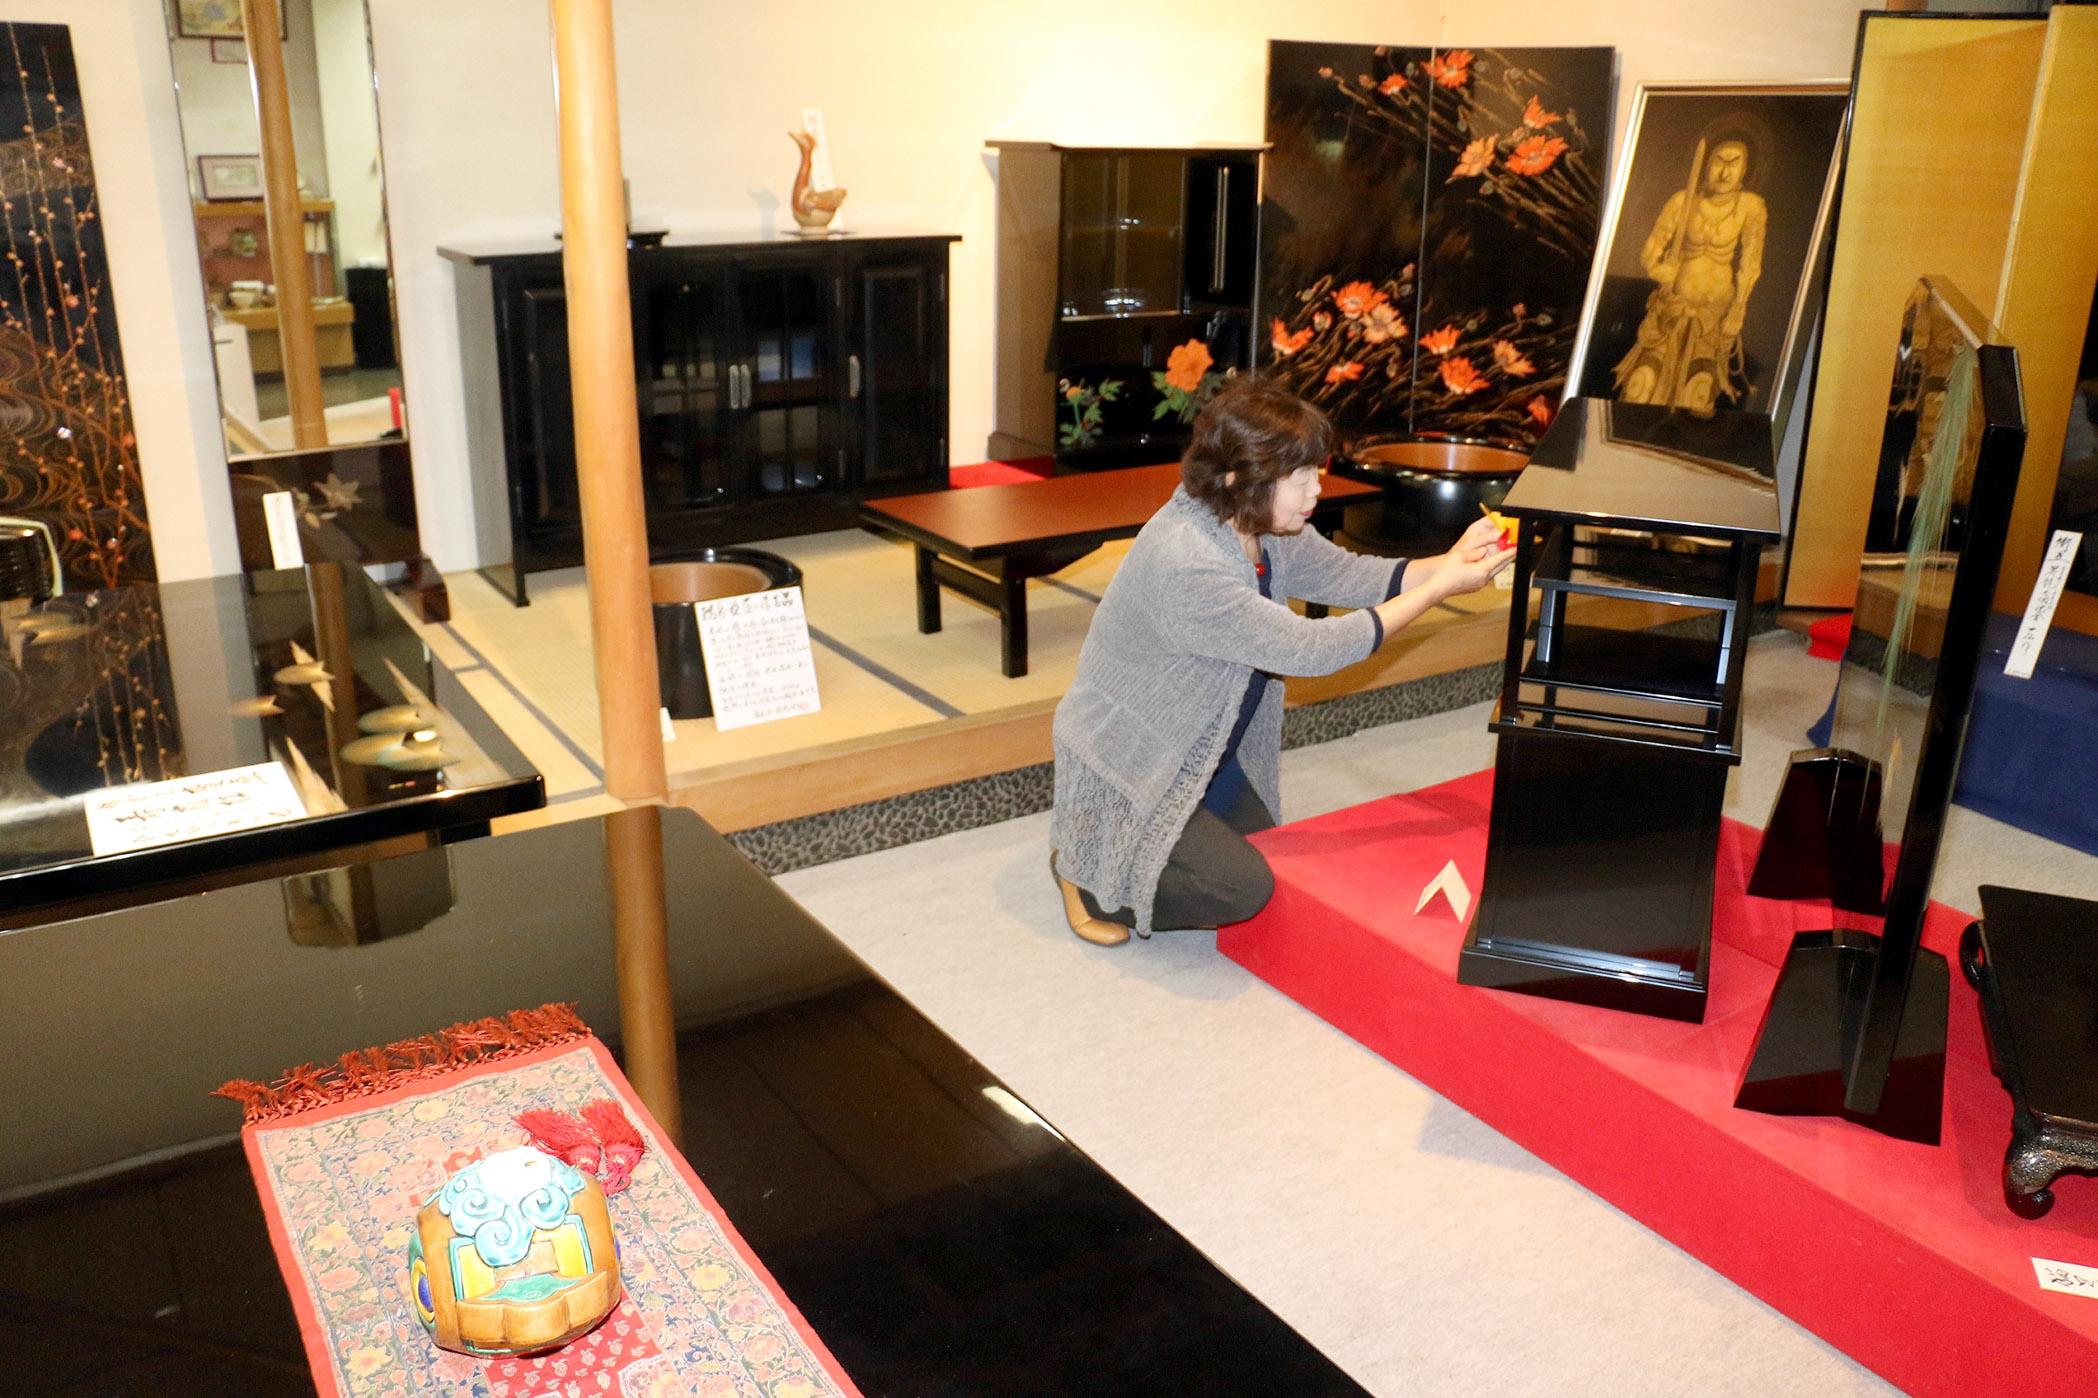 拡充した展示スペースに並んだ家具類=輪島市河井町の稲忠